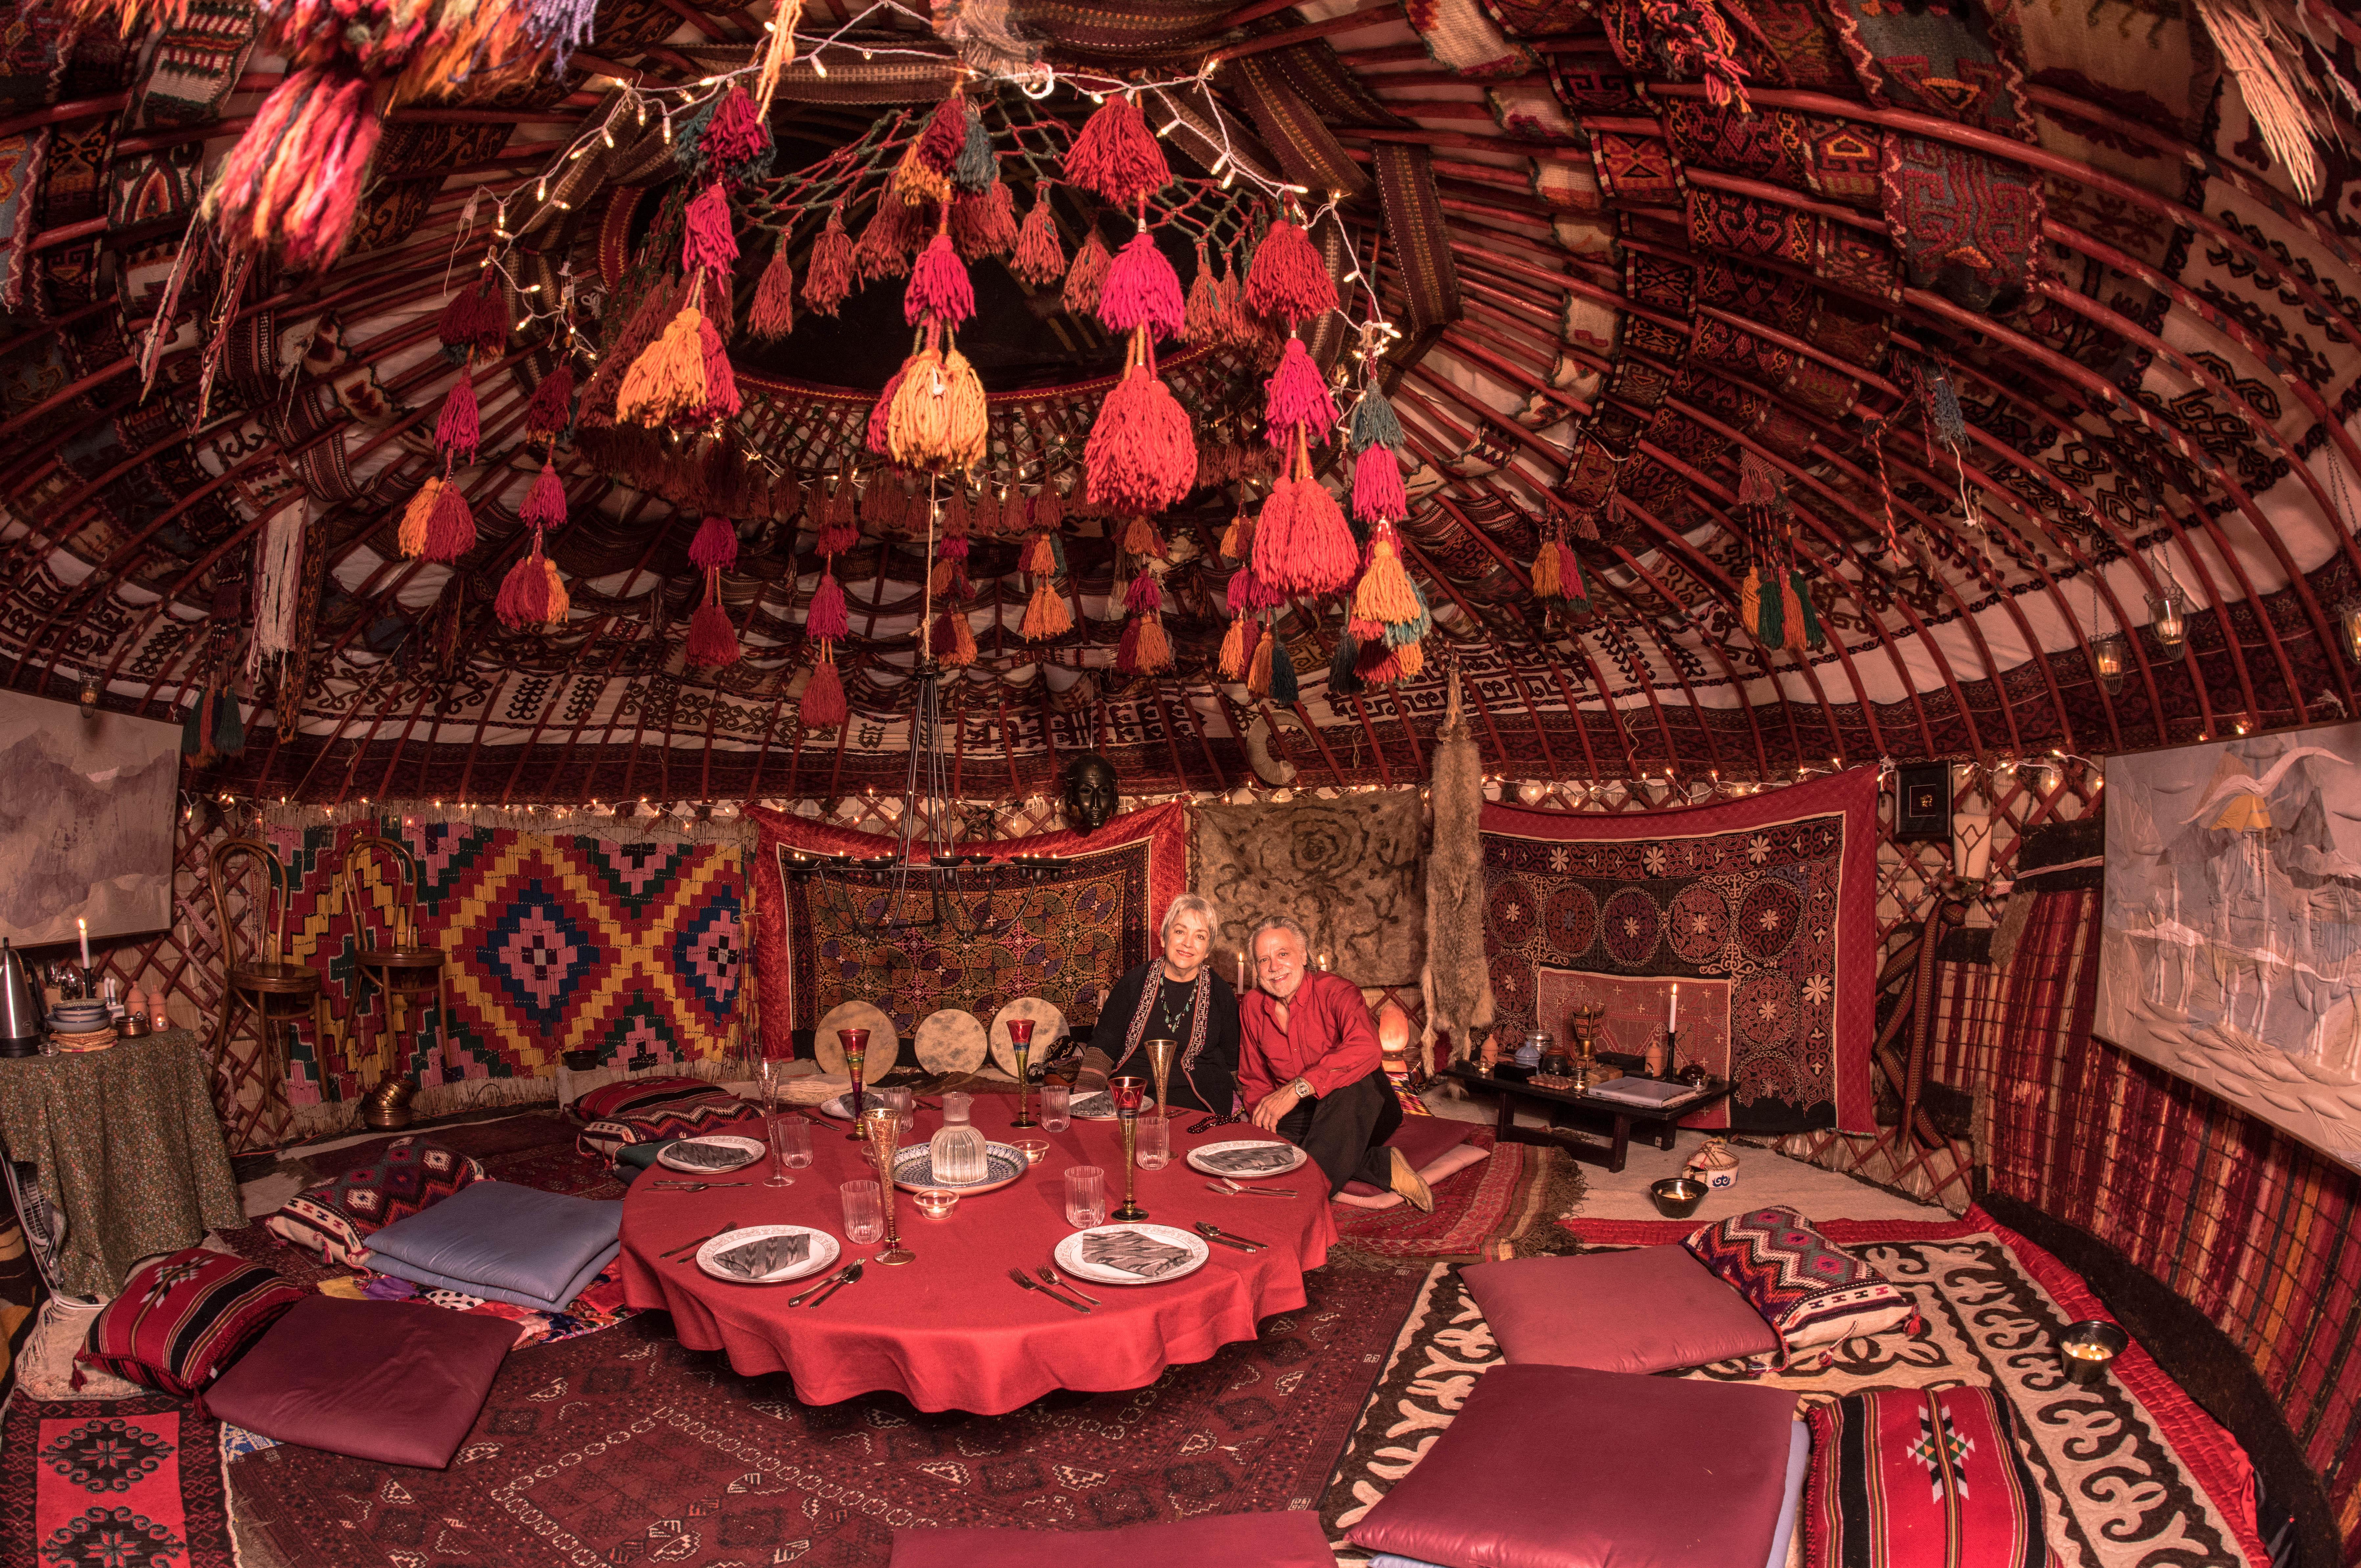 Yurt, Sarasota, Kazakhstan, Kazakh, Tent, Nomadic, Dwelling